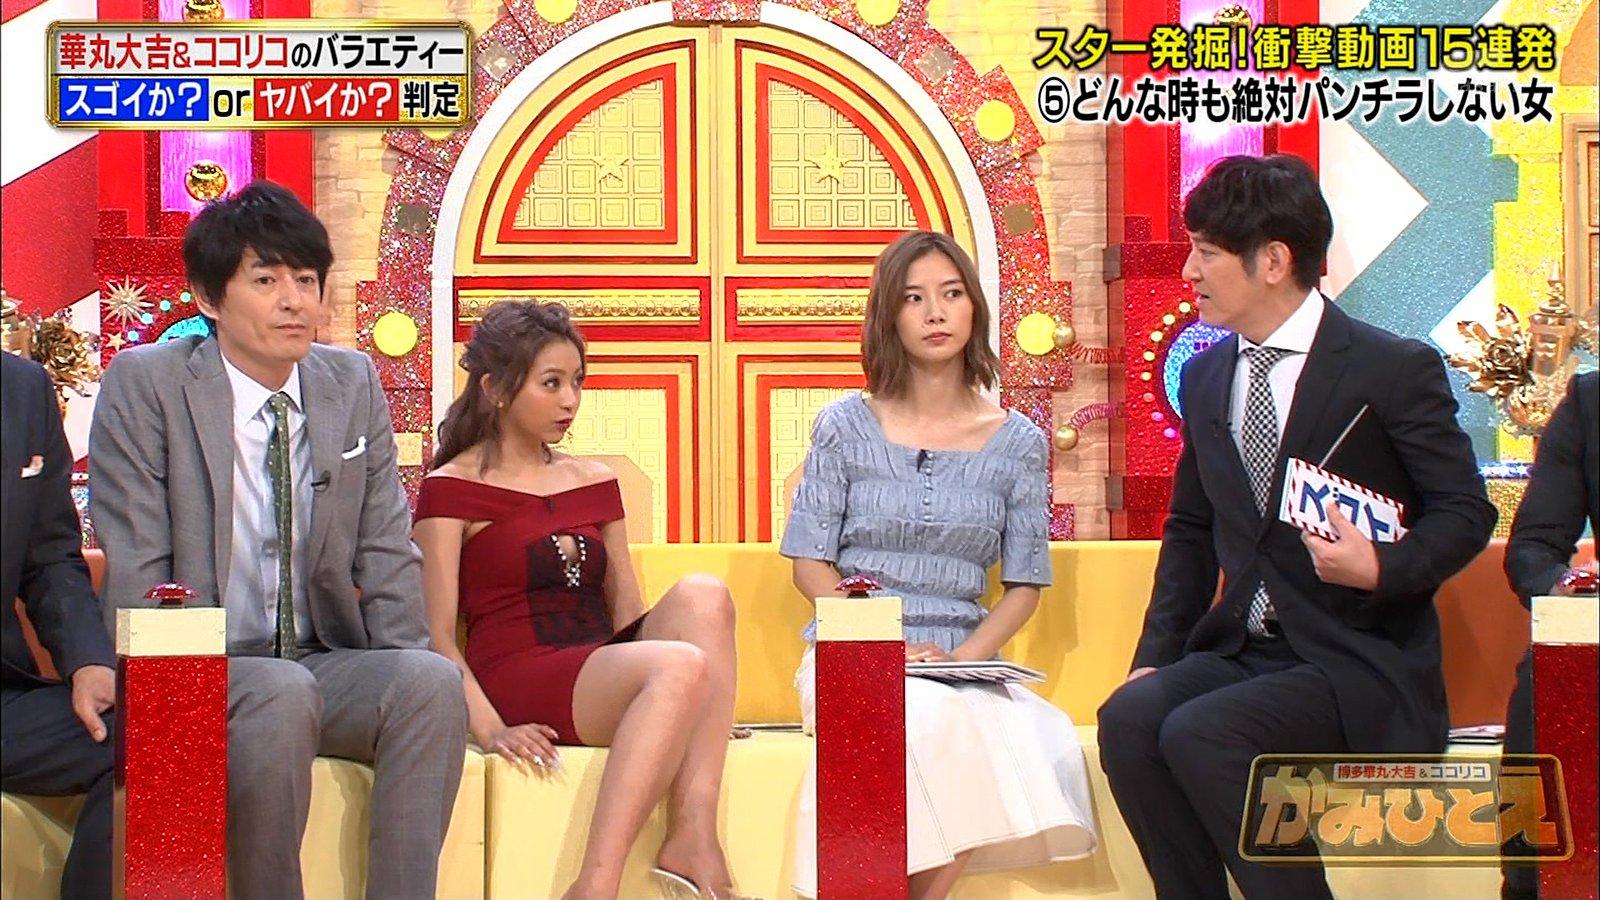 2019年7月8日「かみひとえ」のテレビキャプチャー画像-004